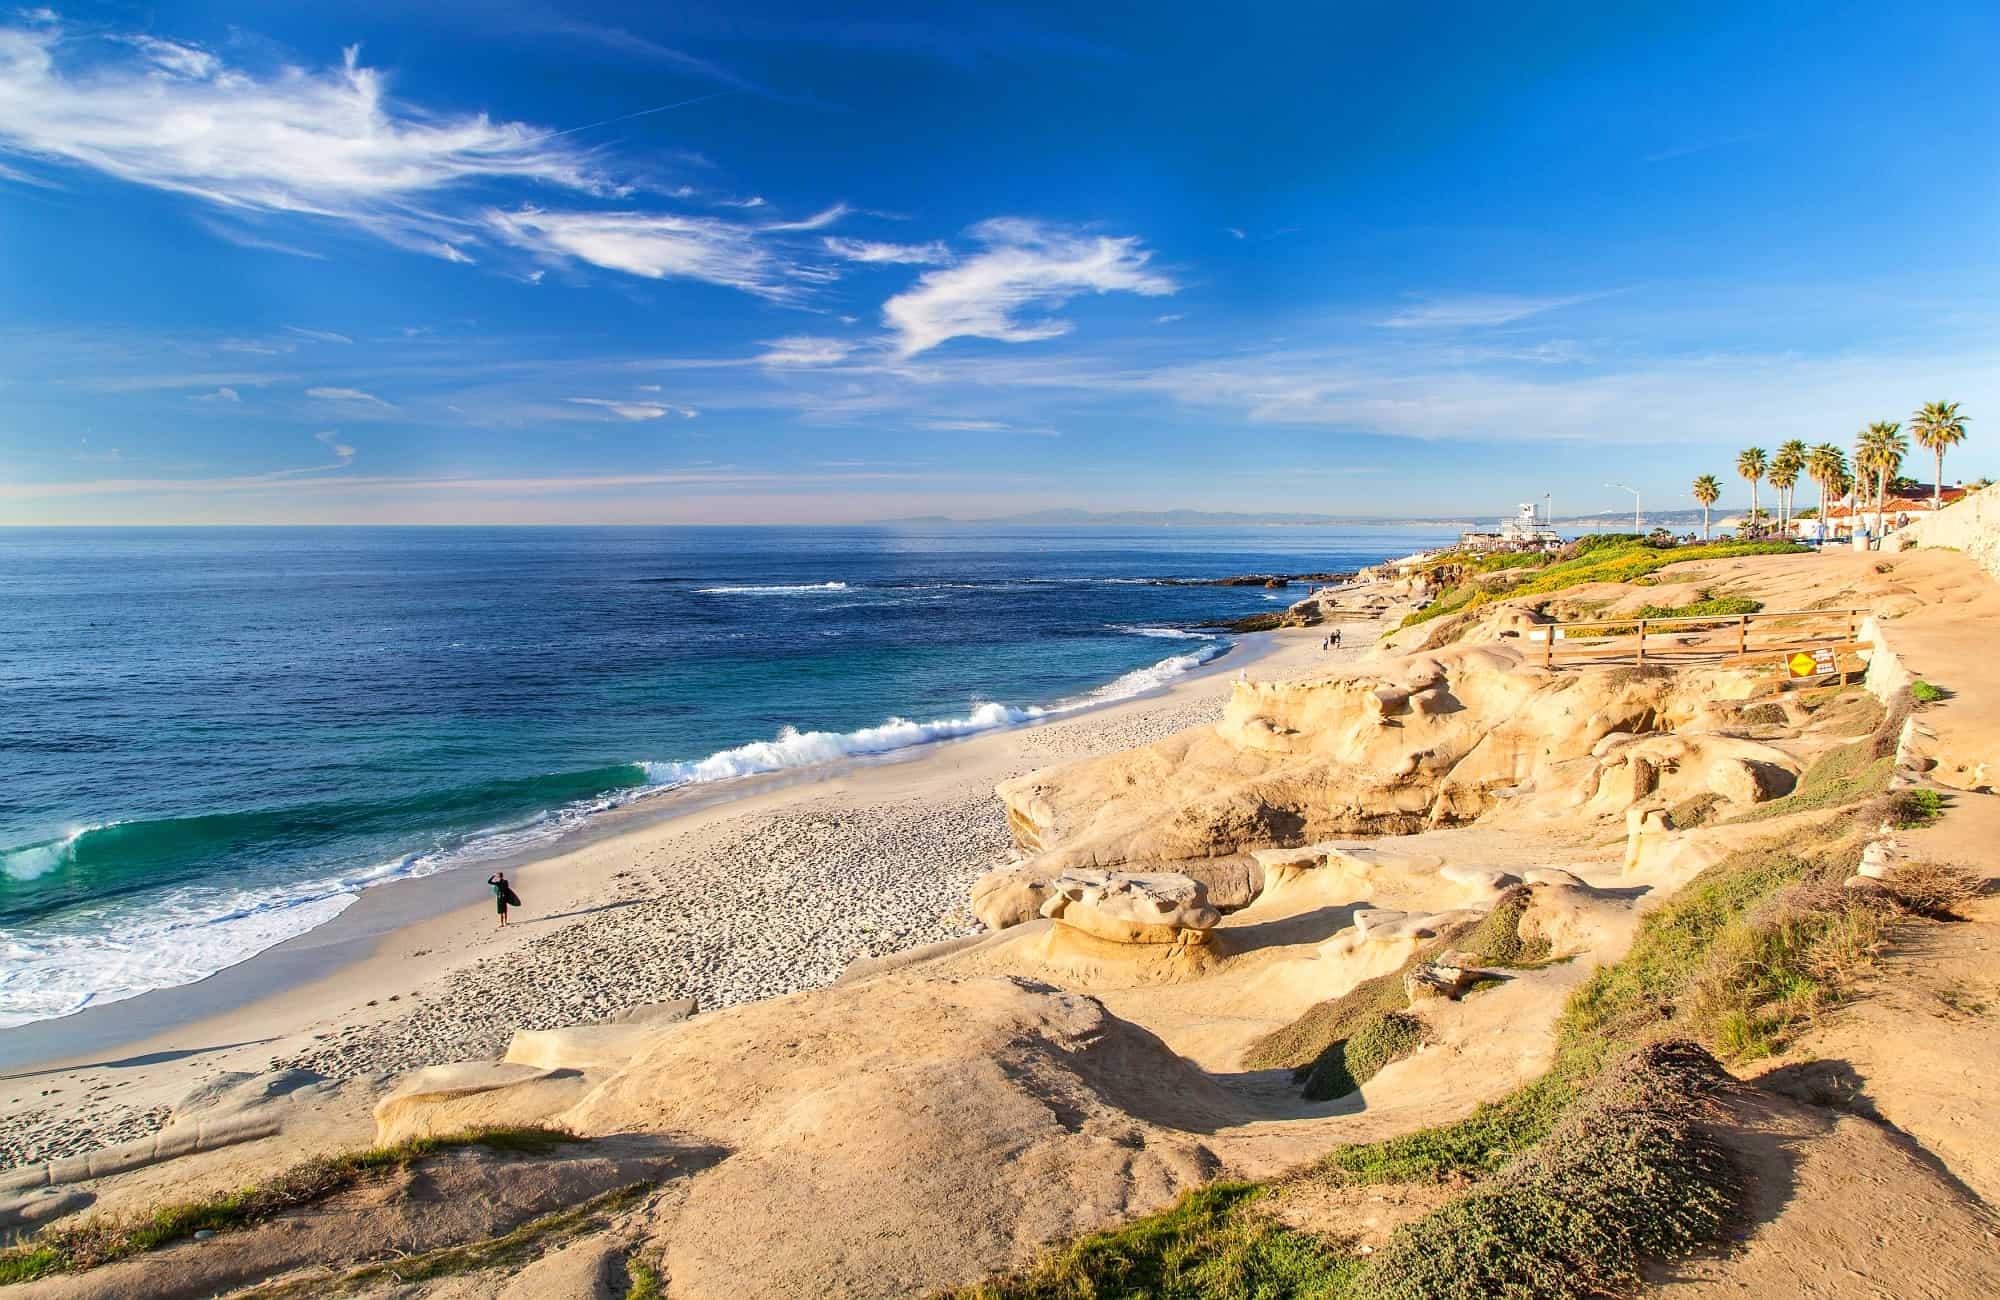 Partez-vous amuser dans les vagues des plages de la Jolla